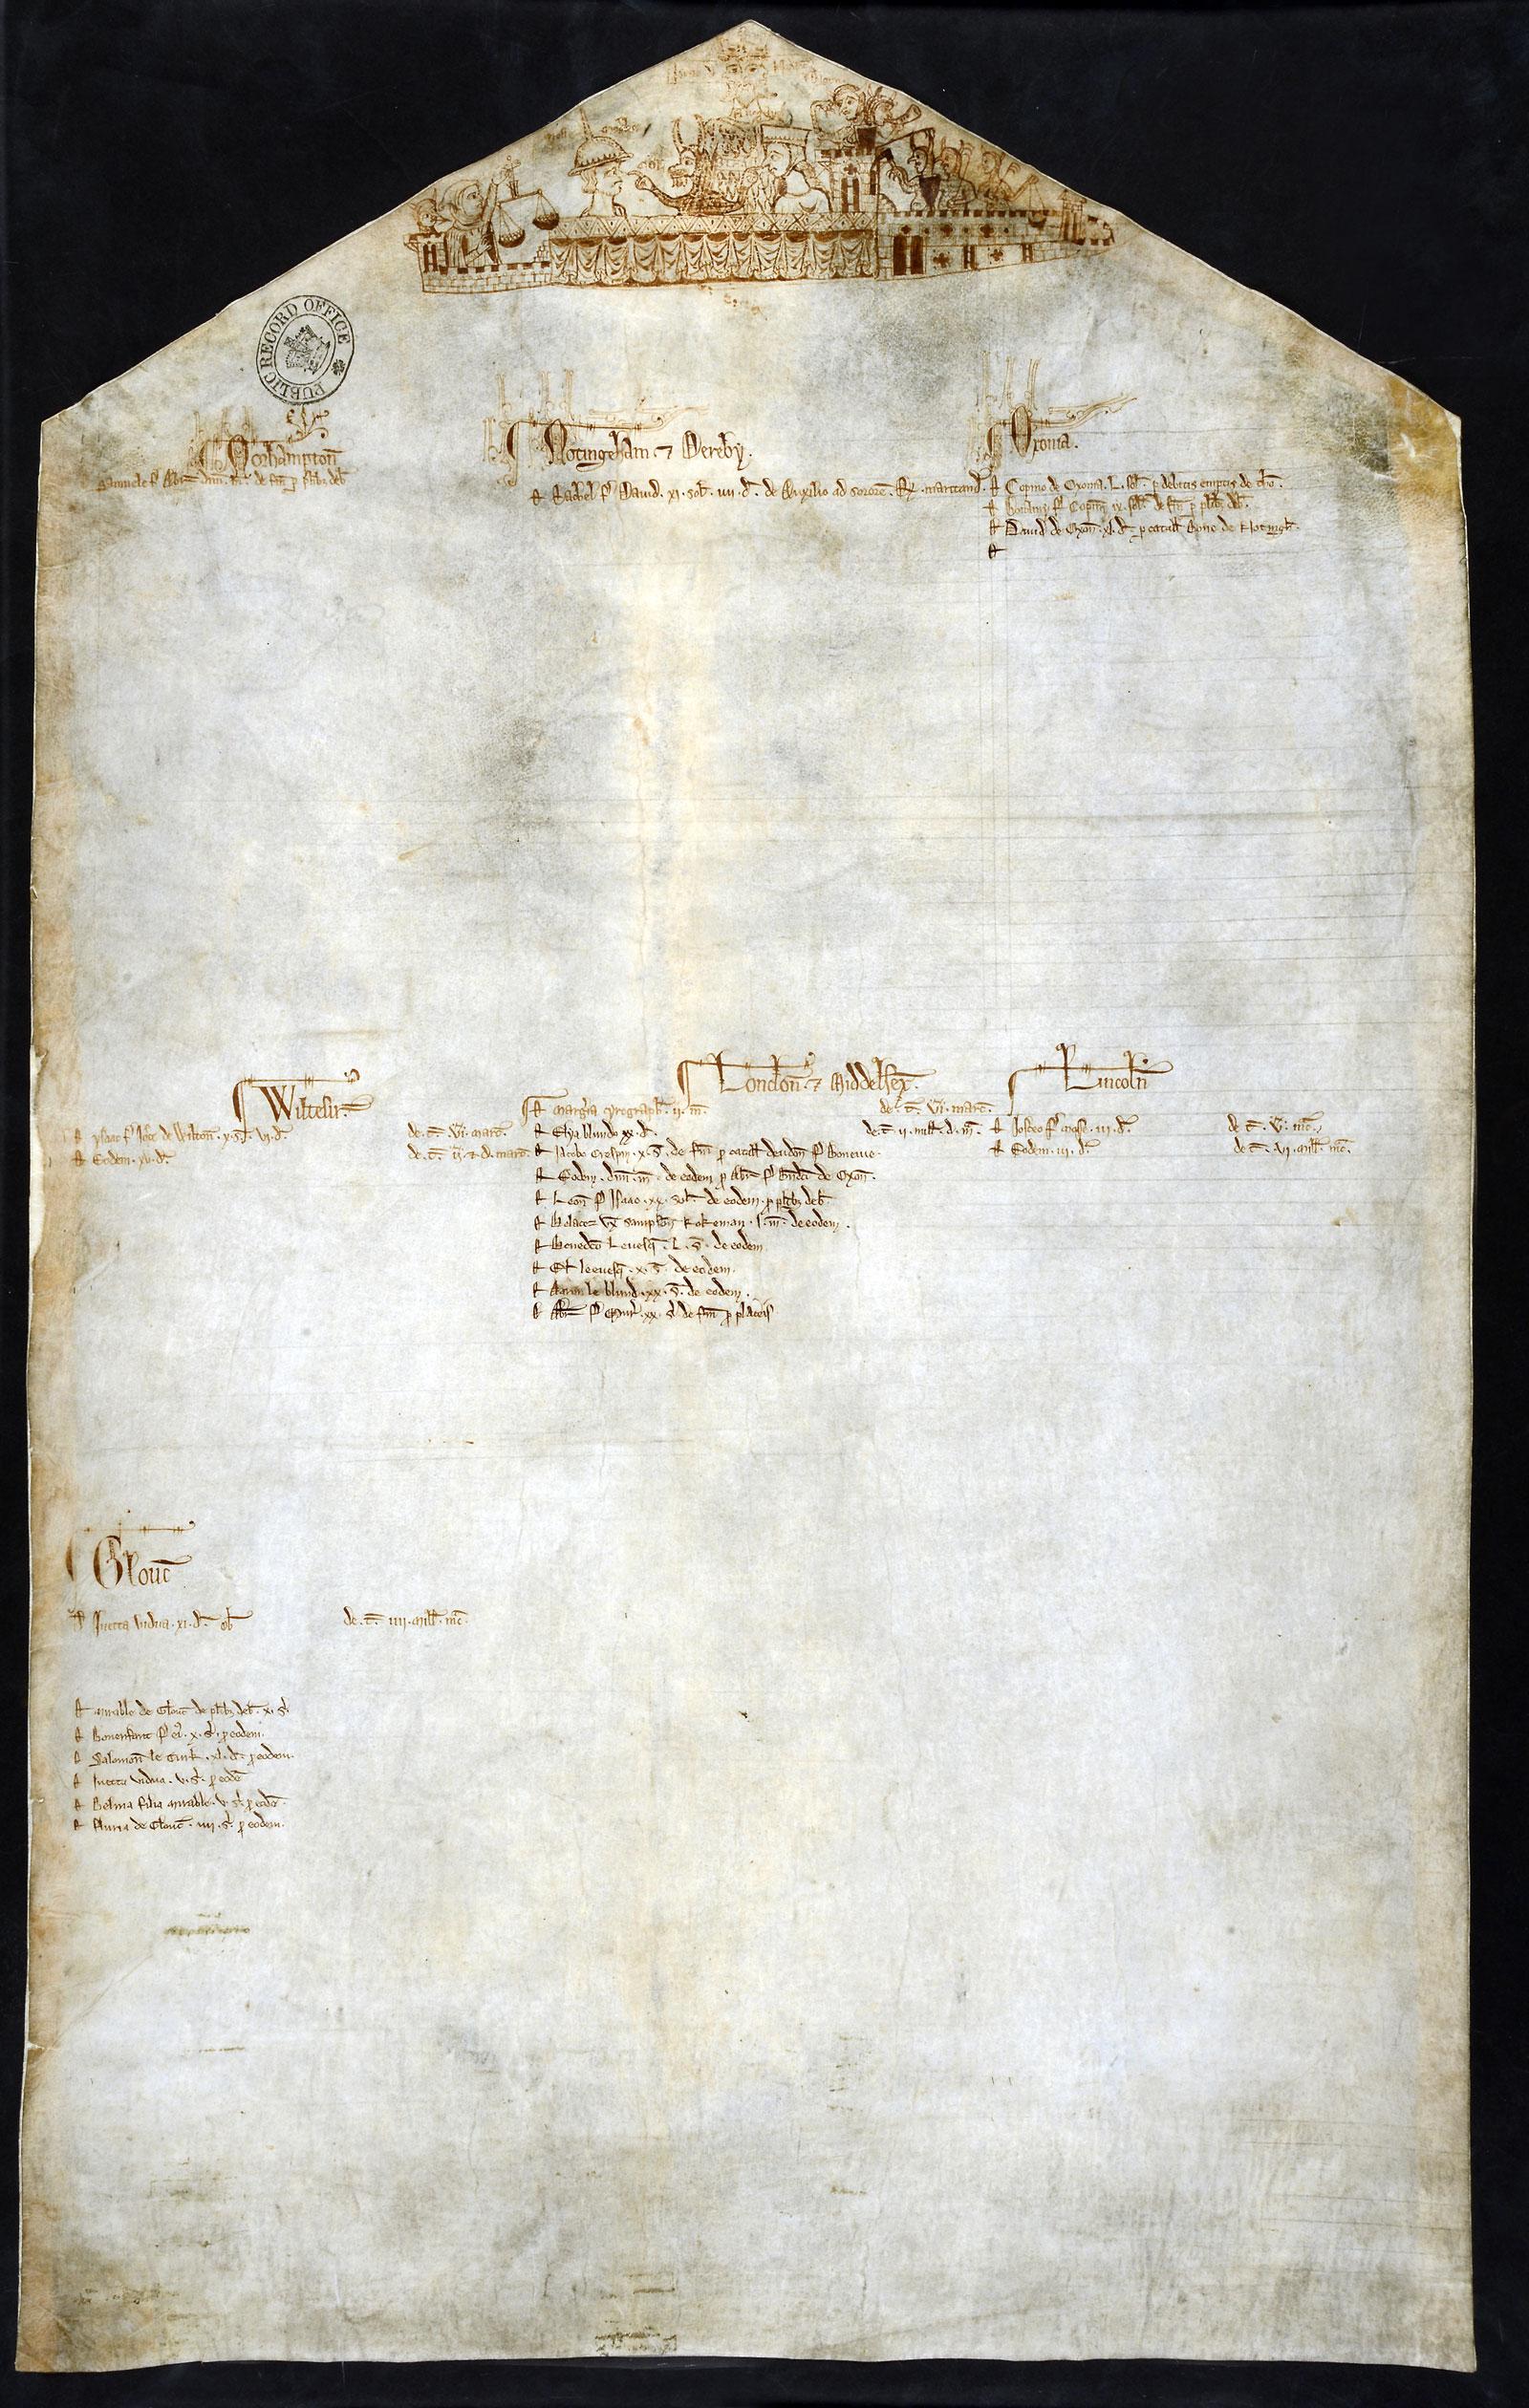 Exchequer Receipt Roll, 1233